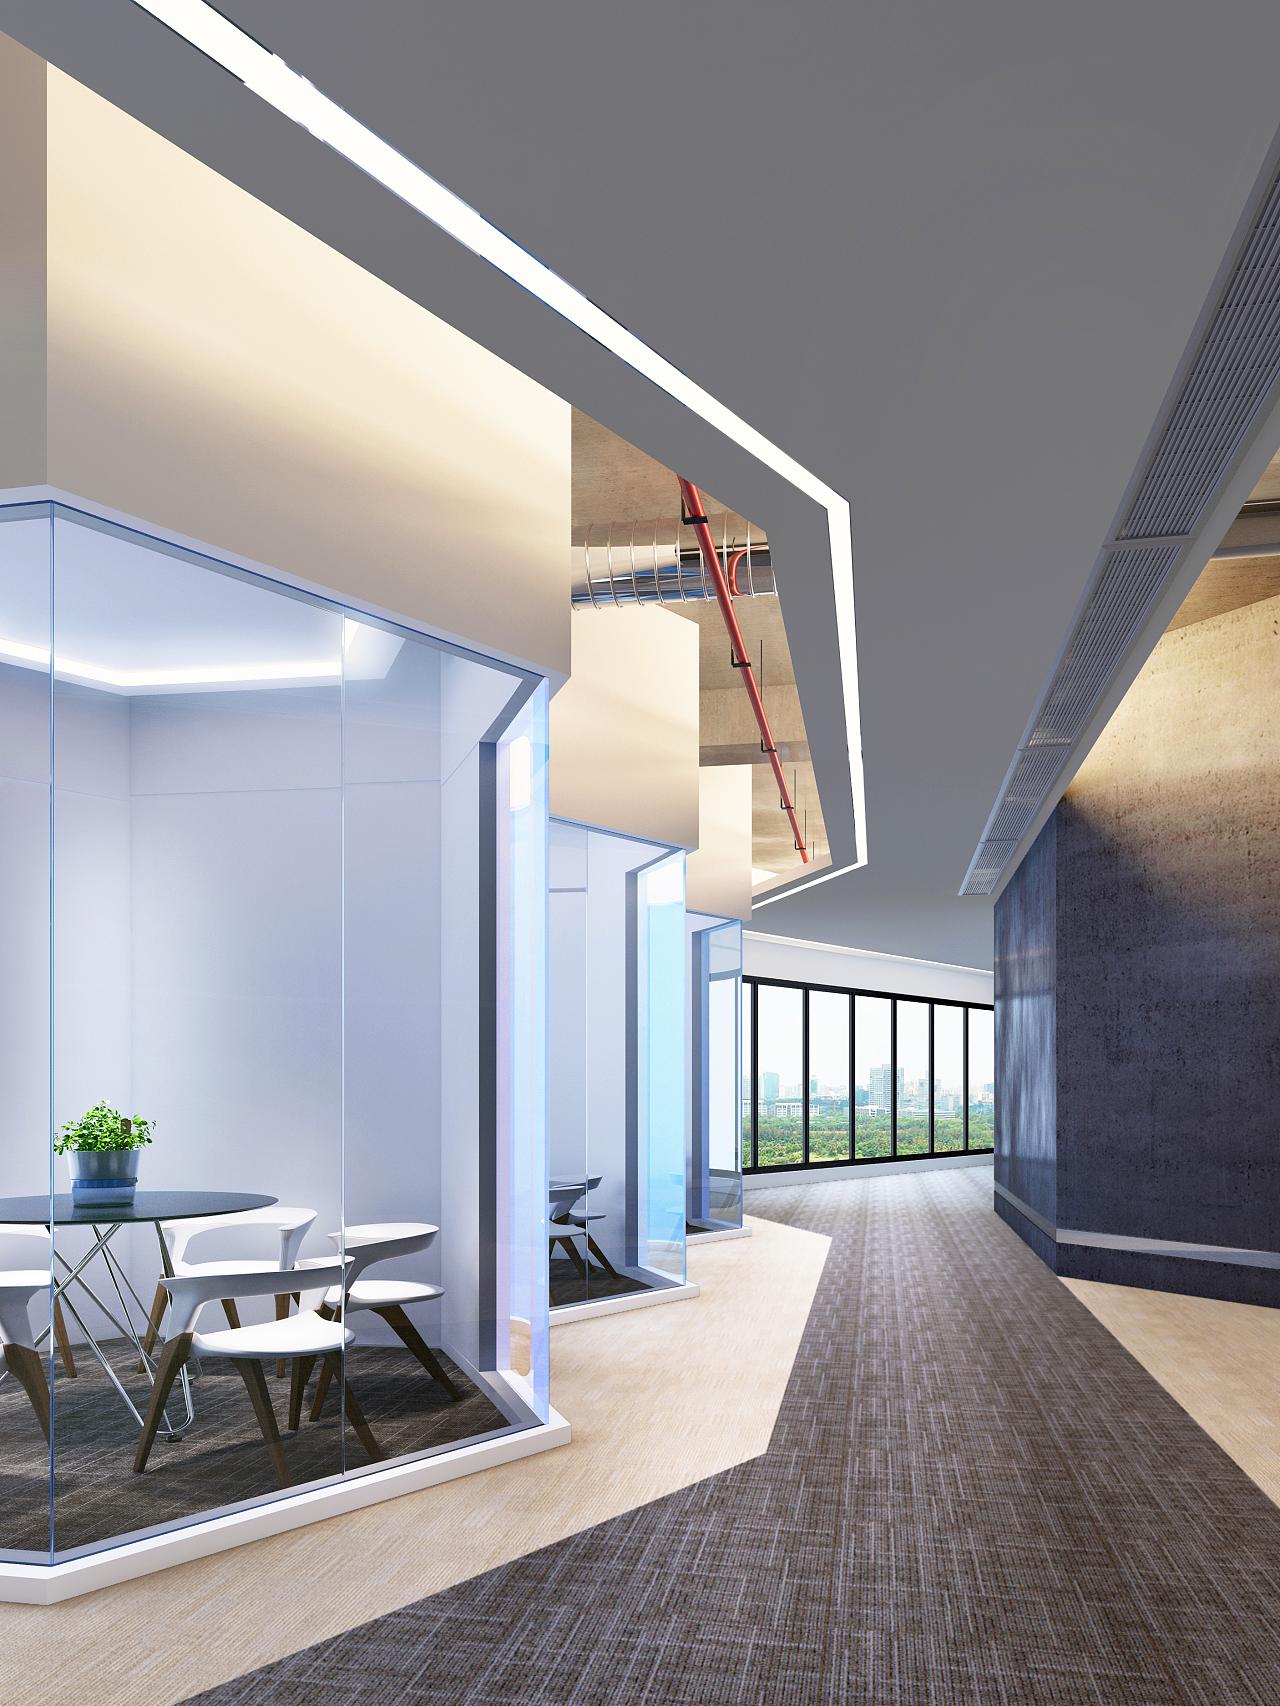 蜂巢-议会|空间|室内设计|caienji - 原创作品 - 站酷图片